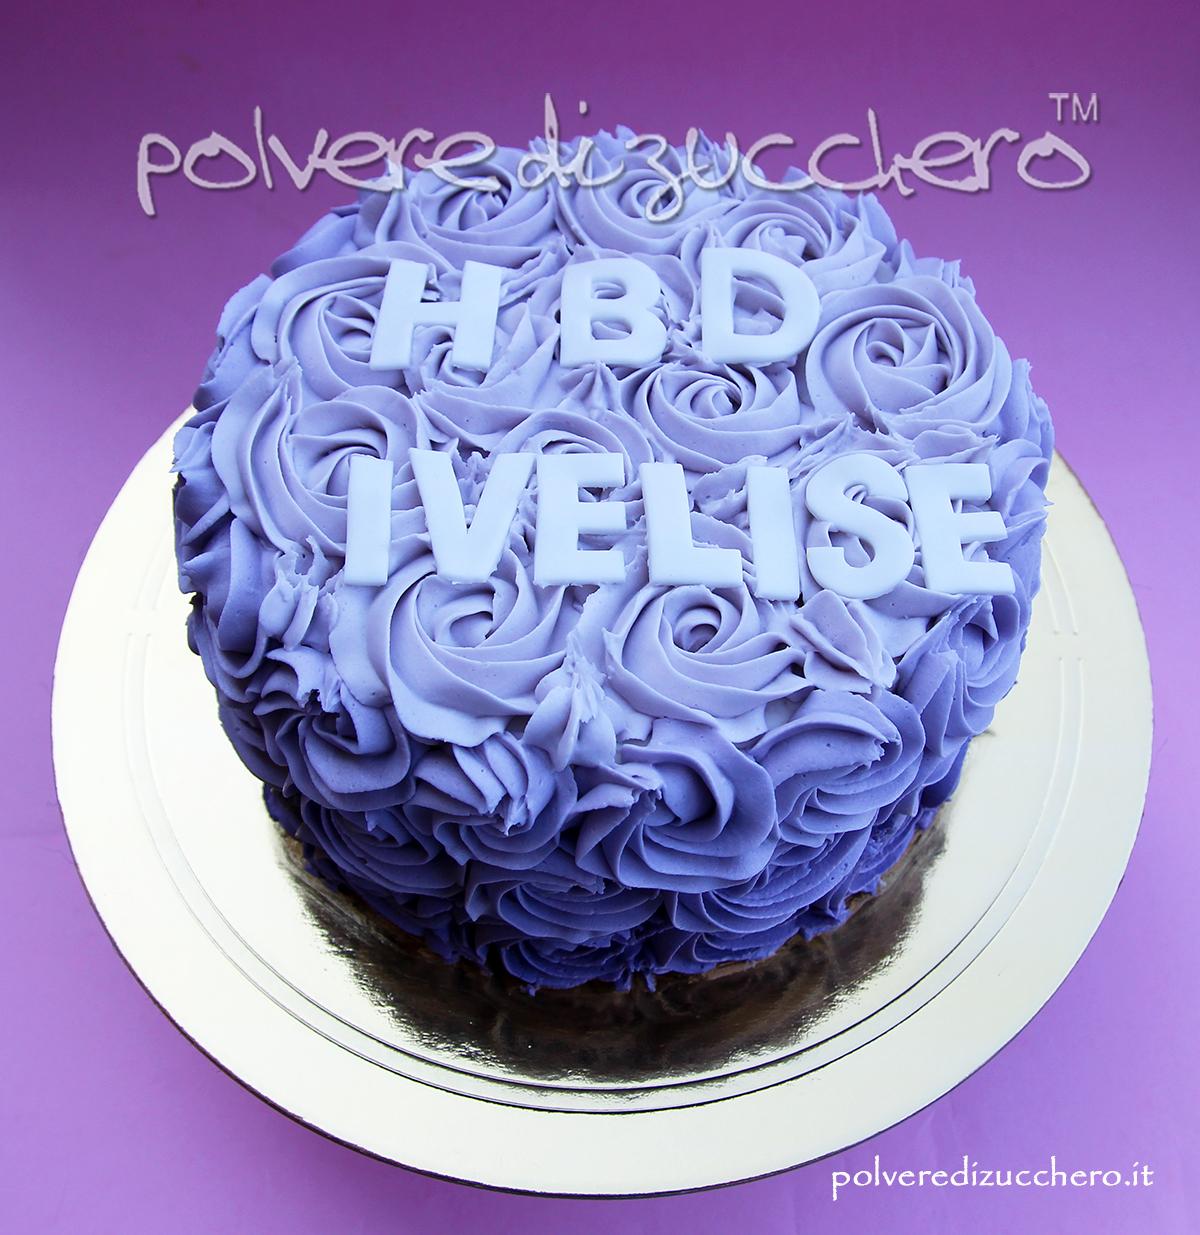 torta decorata crema al burro sfumatura viola lilla sac a poche beccuccio cake design ombre cake rose swirl purple